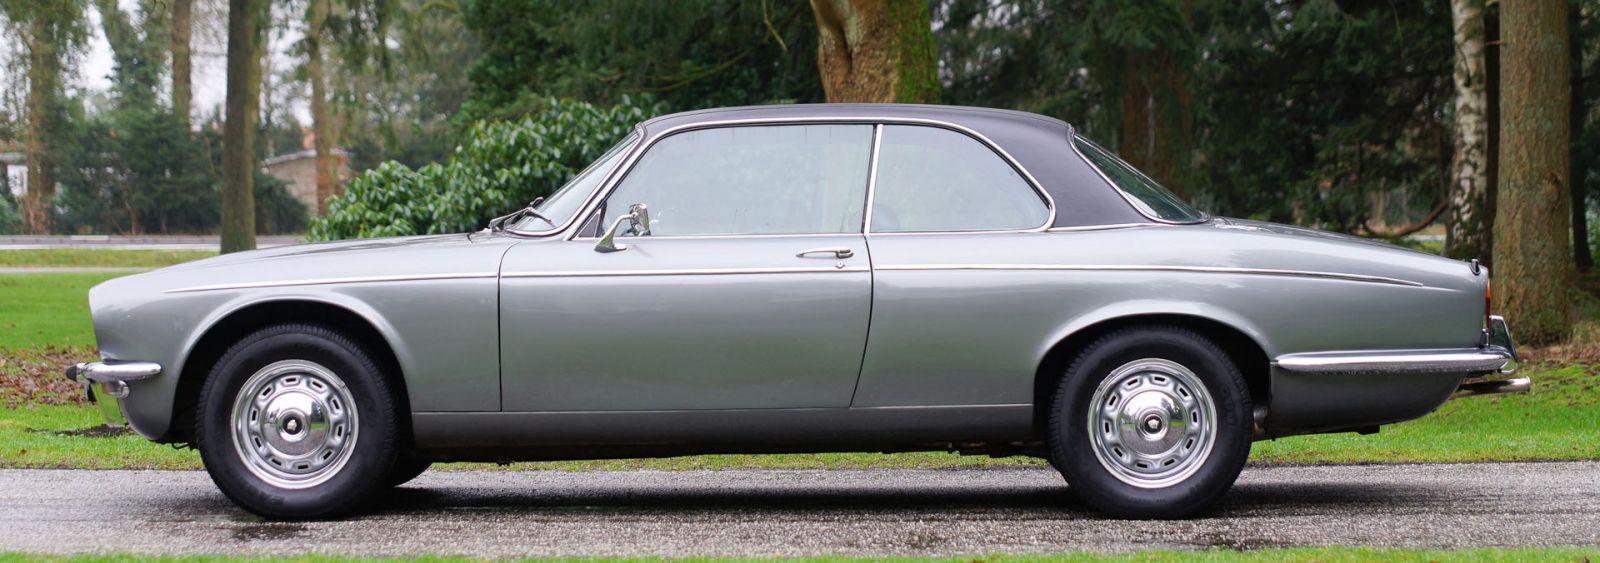 Jaguar XJ 6 4.2 Litre Coupe, 1975